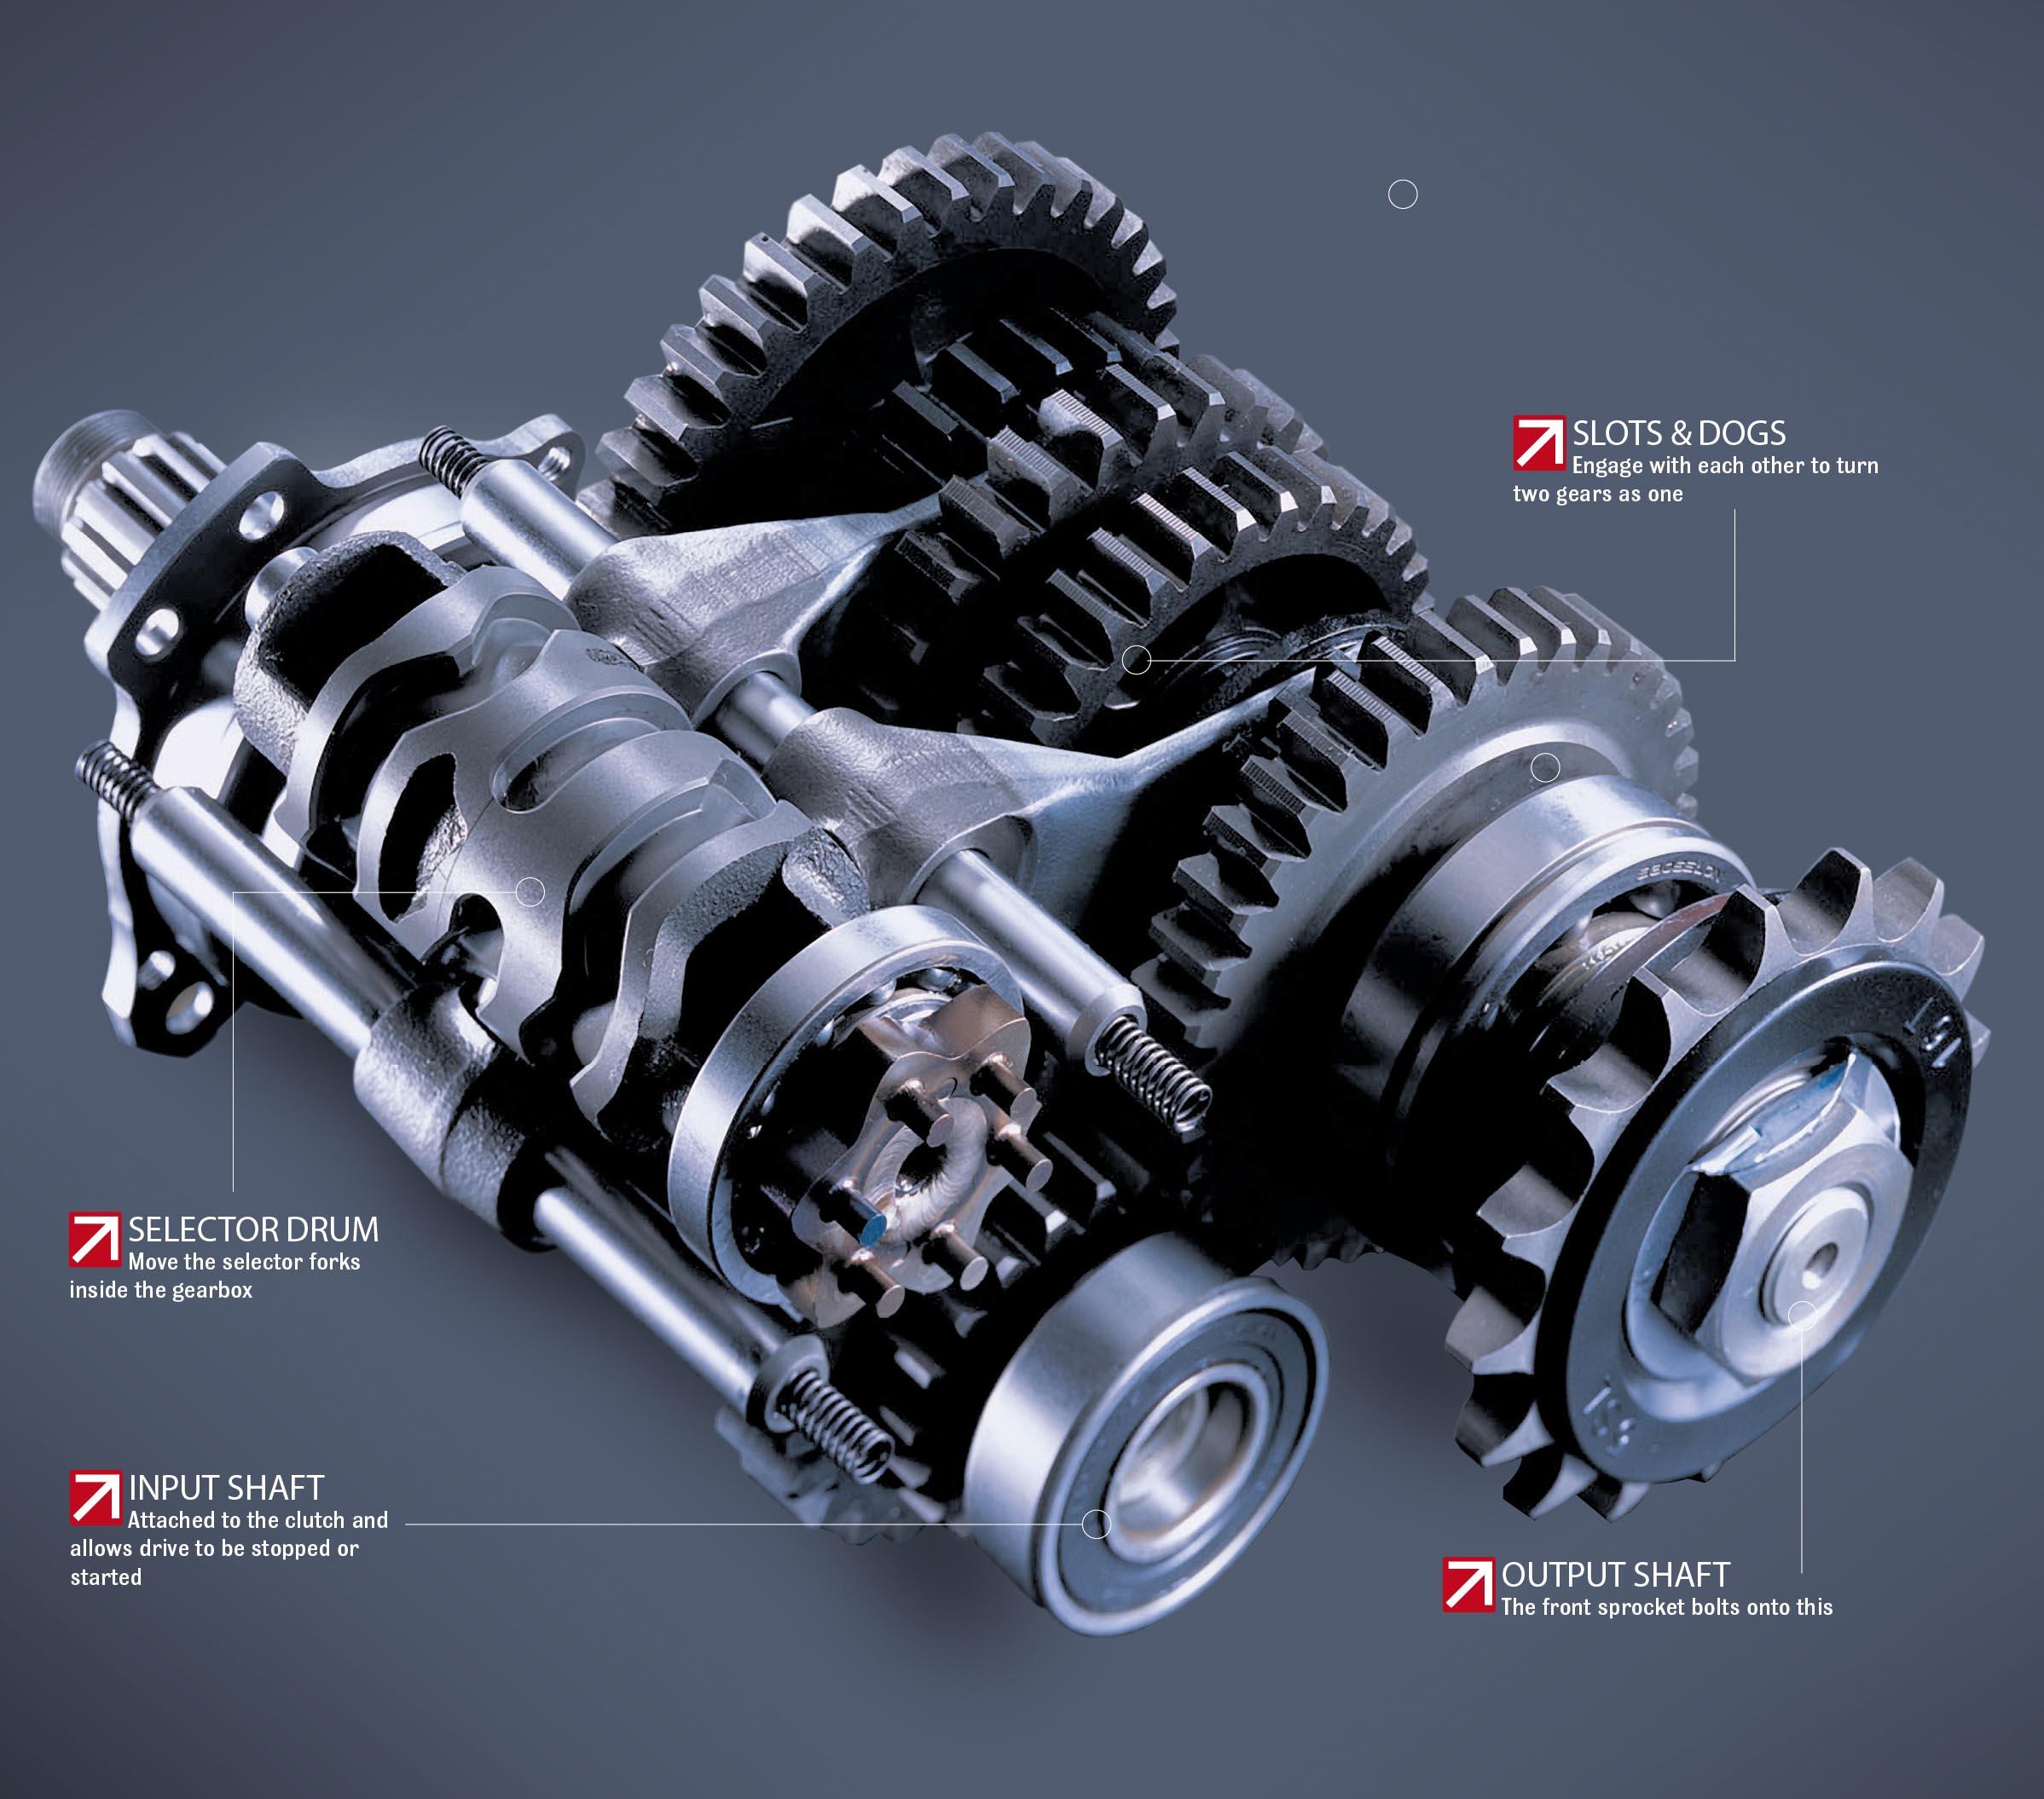 Ina Car Parts Uk